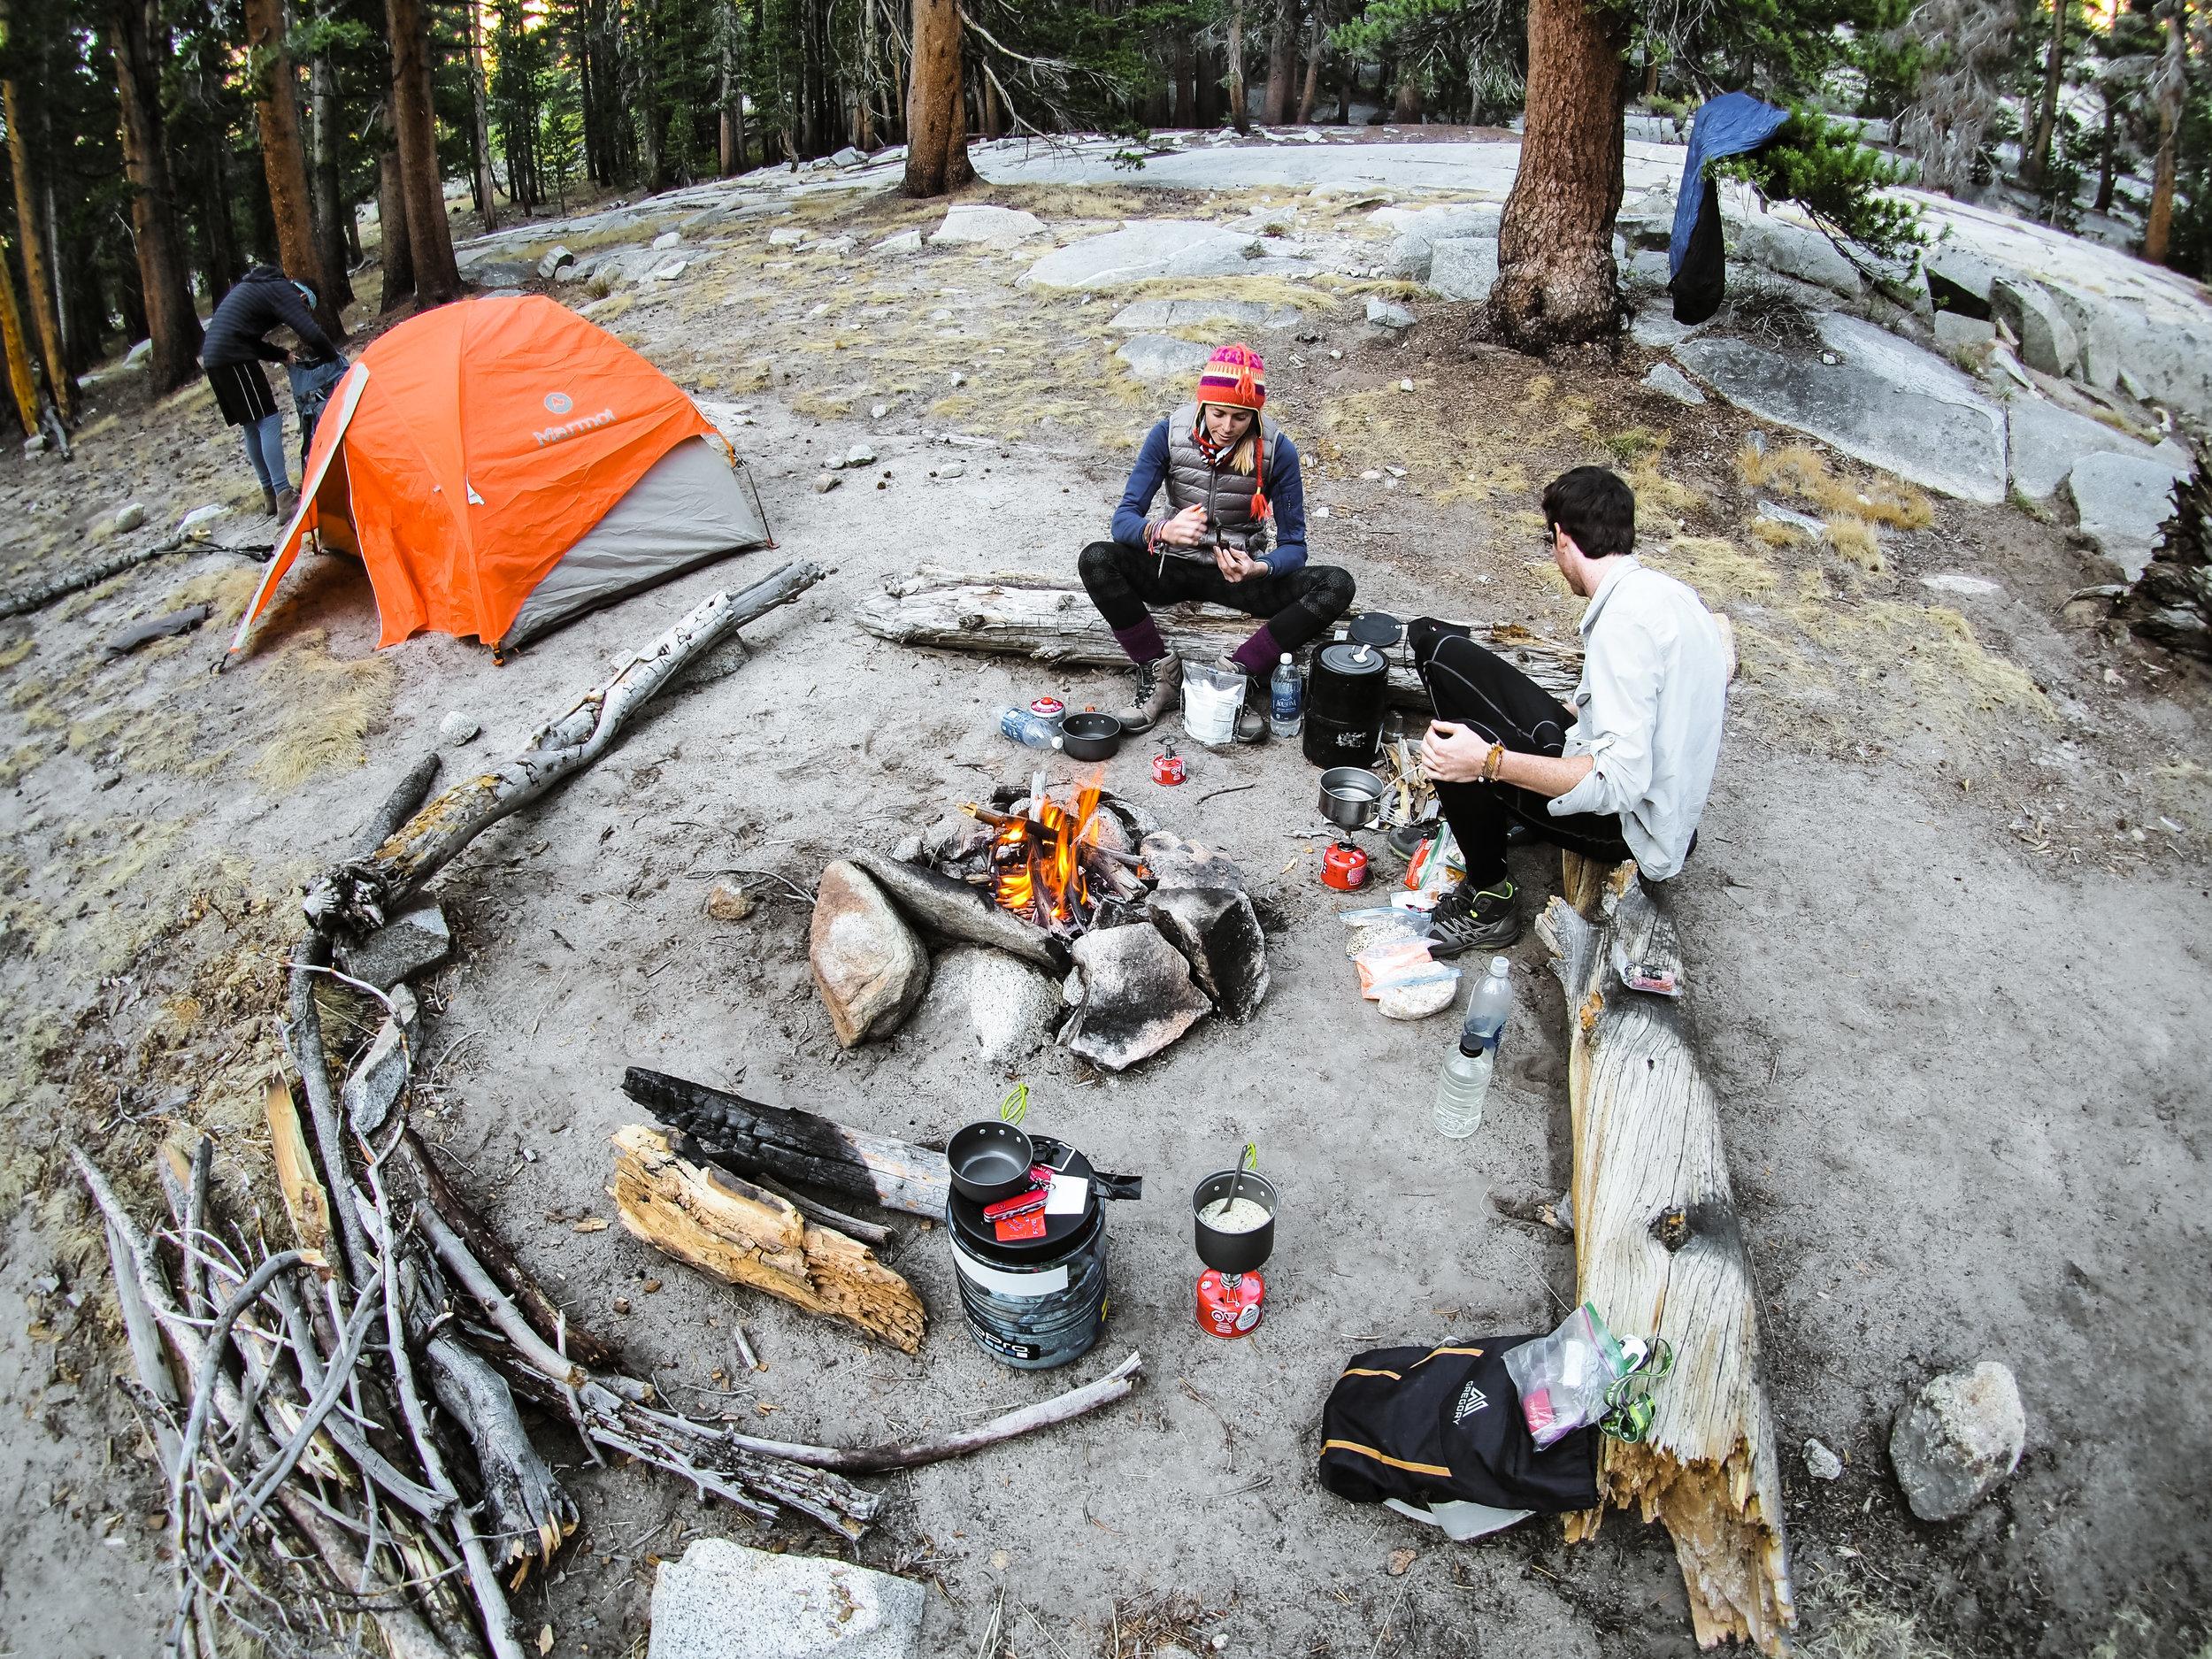 Camping near Tully Hole